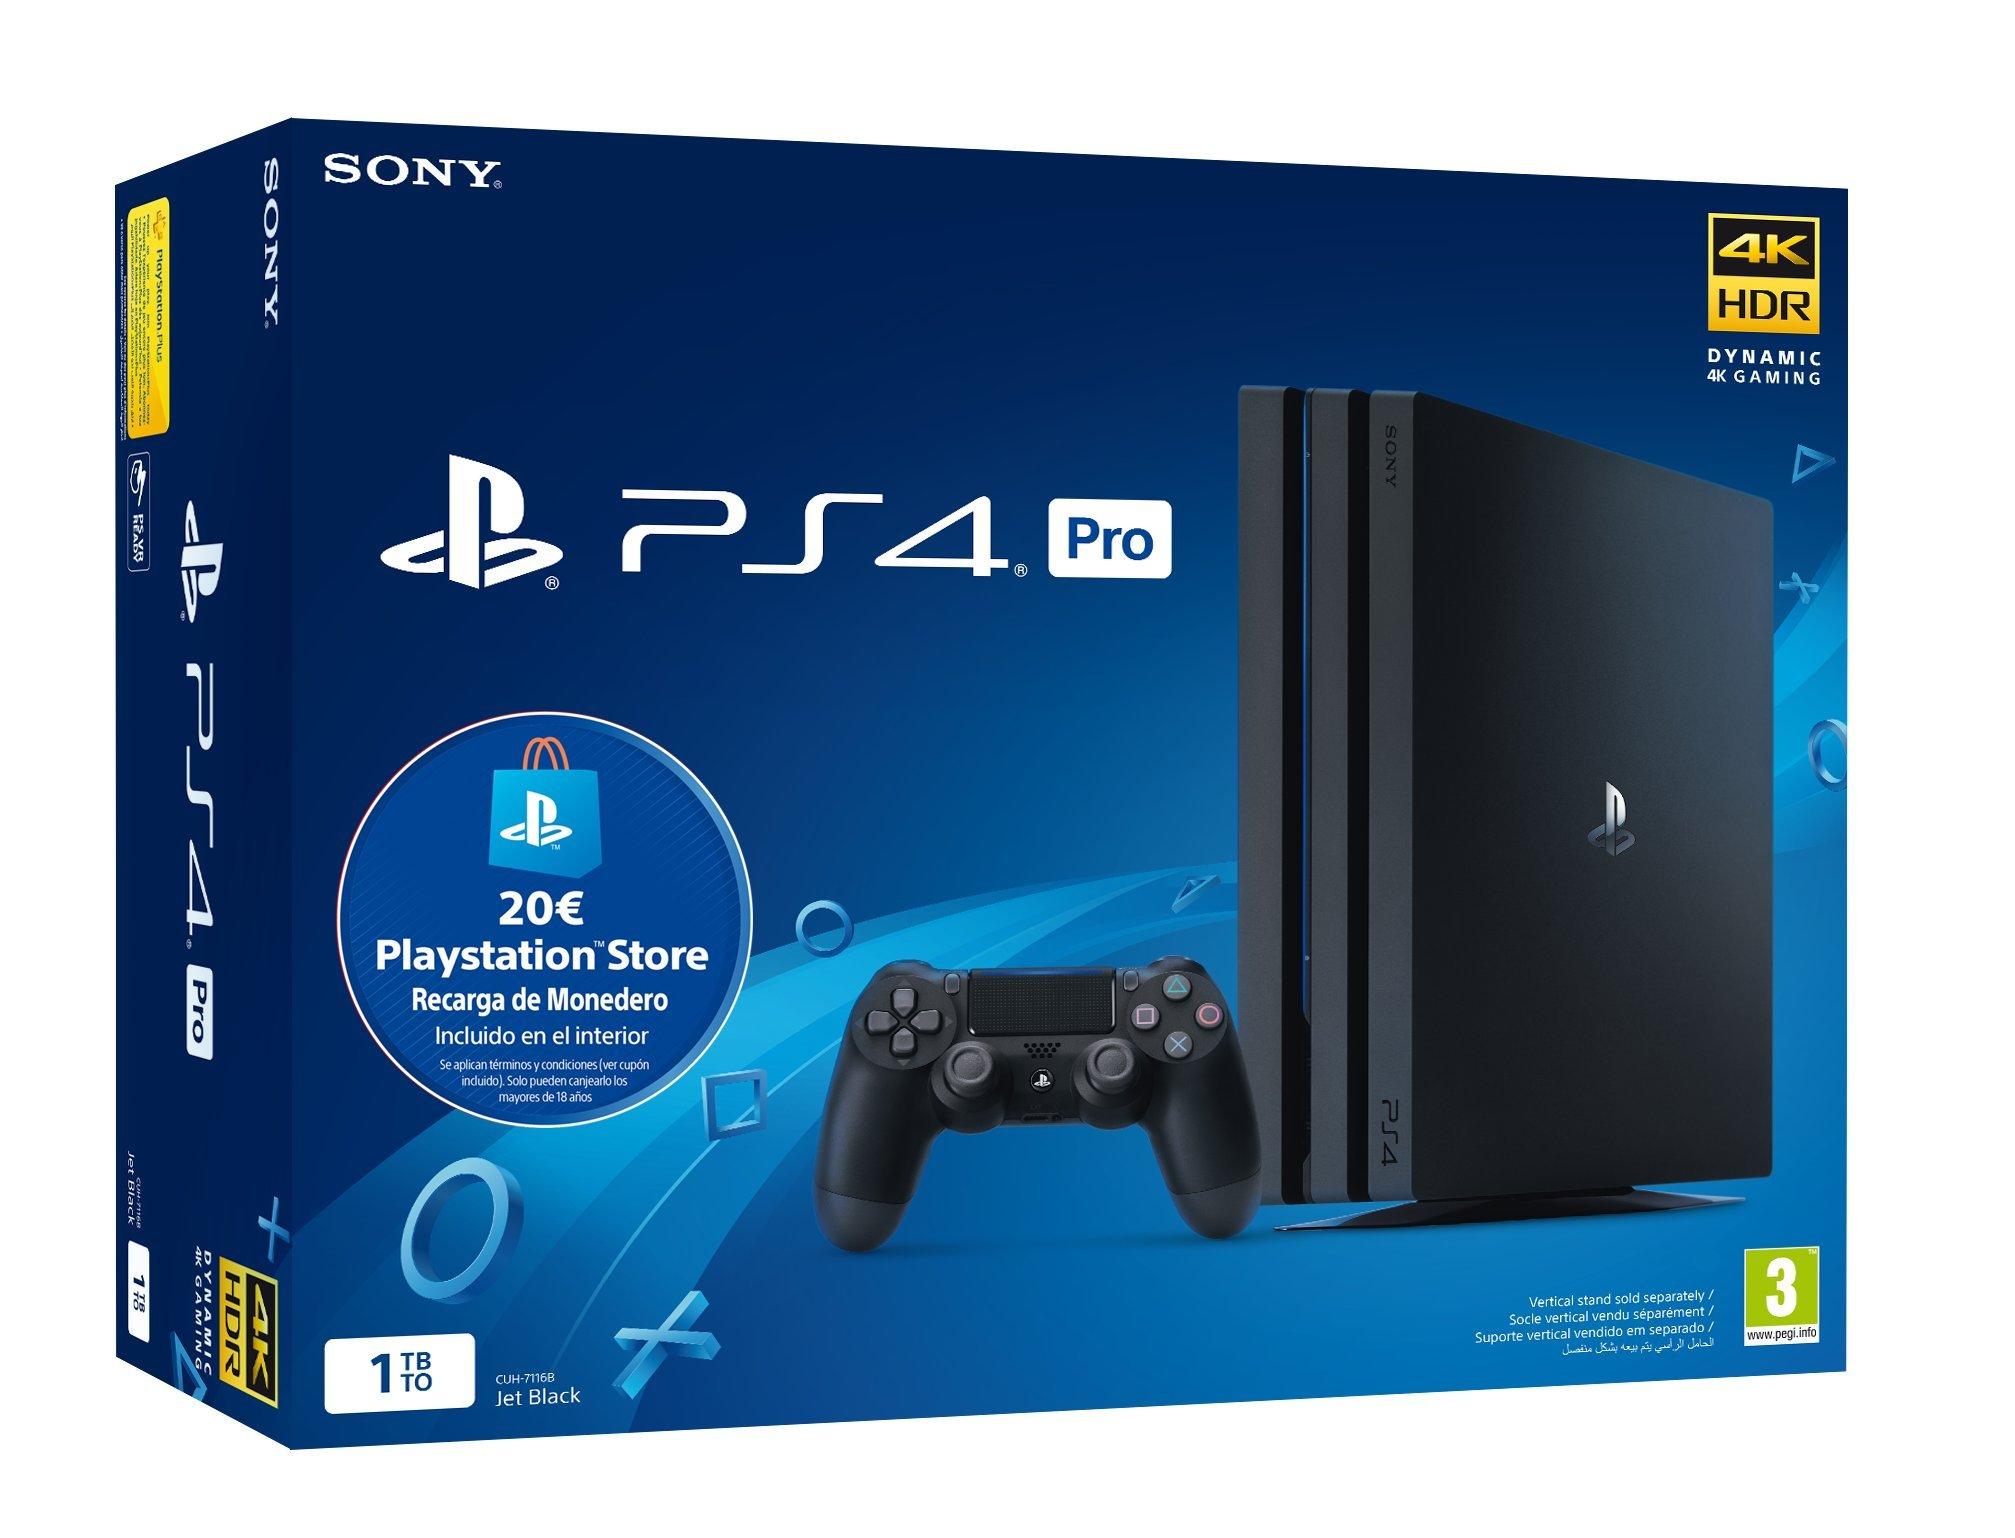 Playstation-4-Pro-PS4-Consola-de-1TB-20-euros-Tarjeta-Prepago-Edicin-Exclusiva-Amazon-nuevo-chasis-G